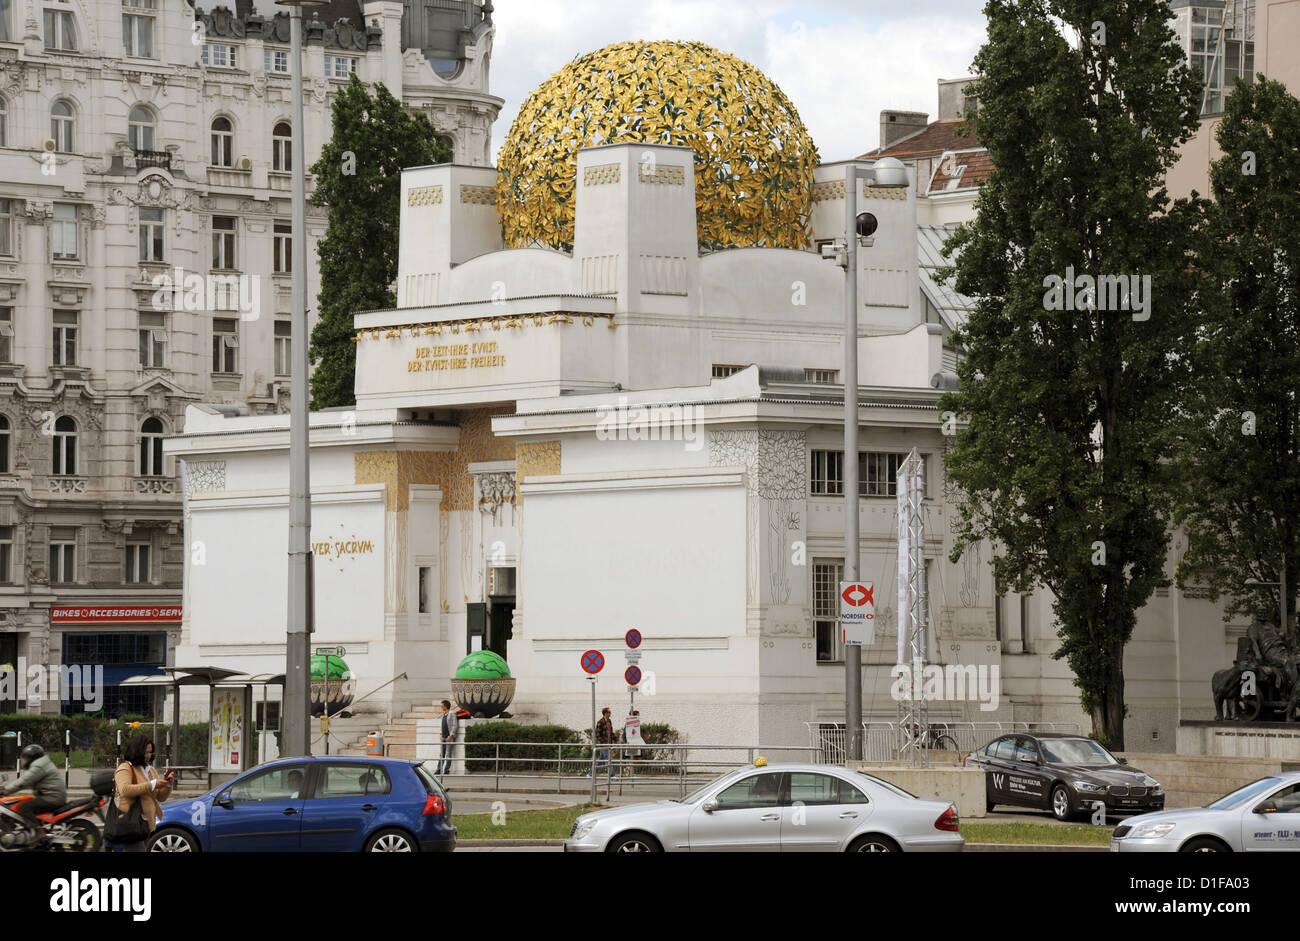 Wiener Sezession Stockfotos & Wiener Sezession Bilder